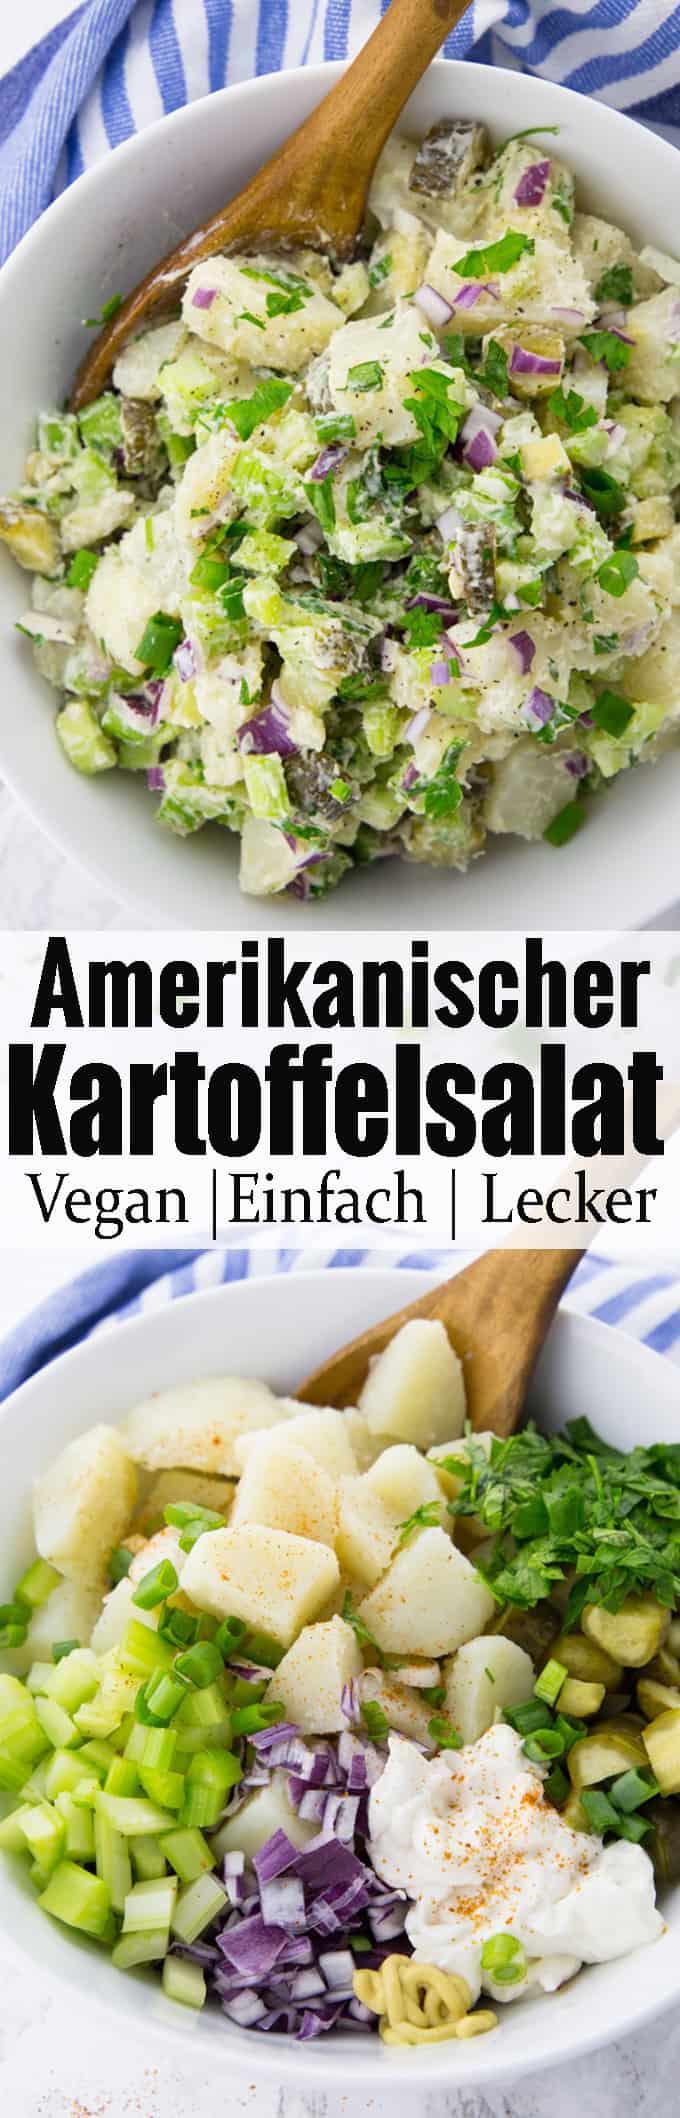 Veganer Kartoffelsalat ist einfach perfekt für die Sommerzeit! Egal ob zum Grillen oder für ein Picknick, mit Kartoffelsalat kann man nichts falsch machen. Mehr vegane Rezepte und vegetarische Rezepte findet ihr auf veganheaven.de!